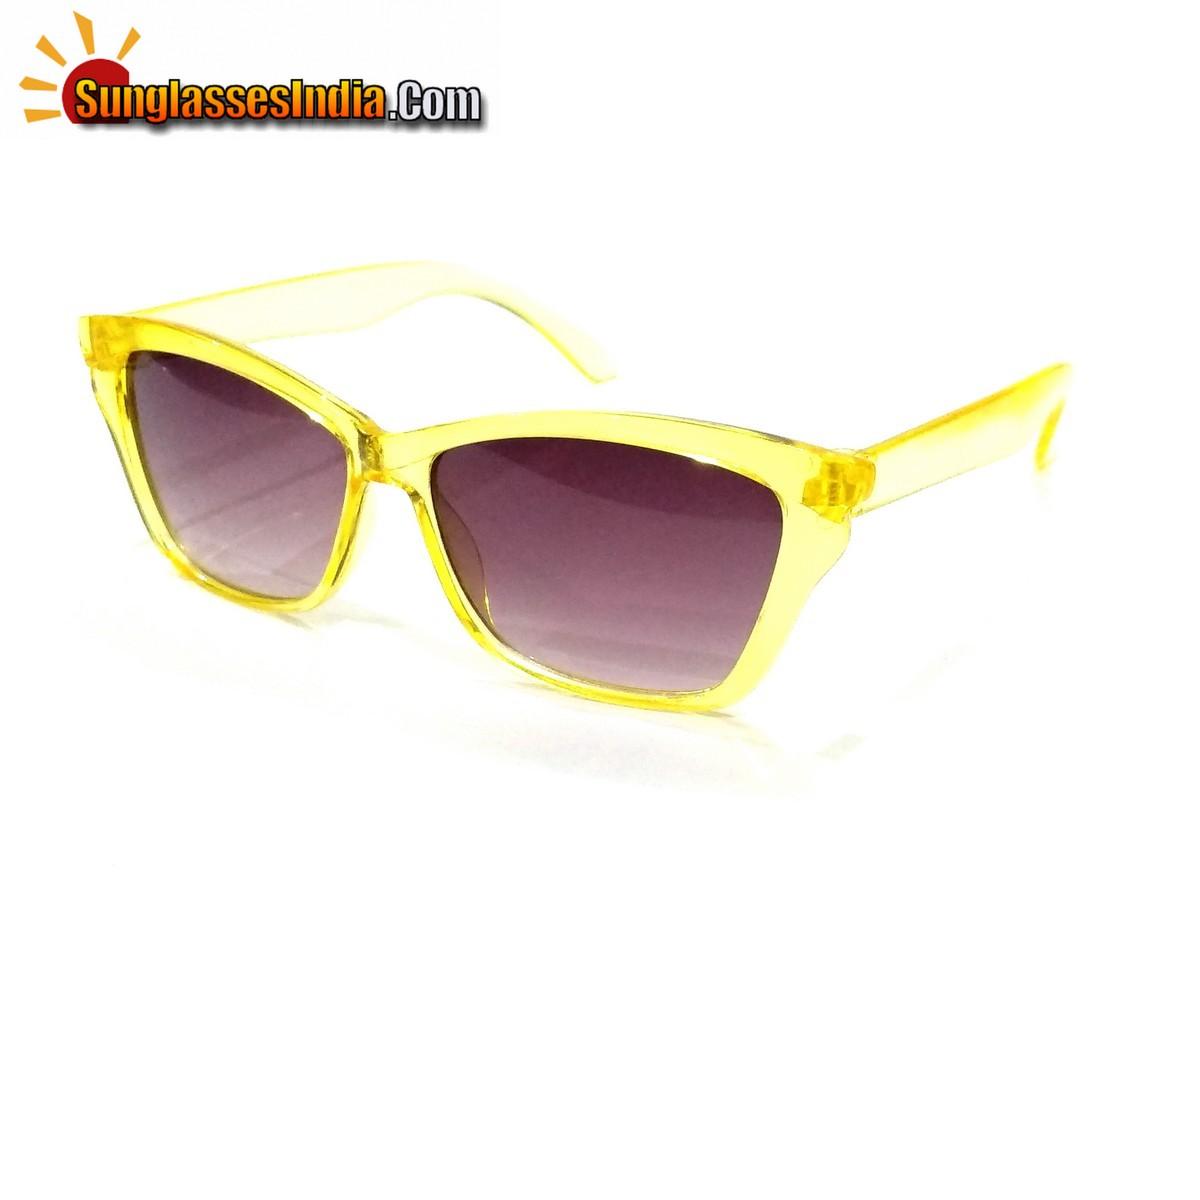 Yellow Kids Fashion Sunglasses TKS003Yellow